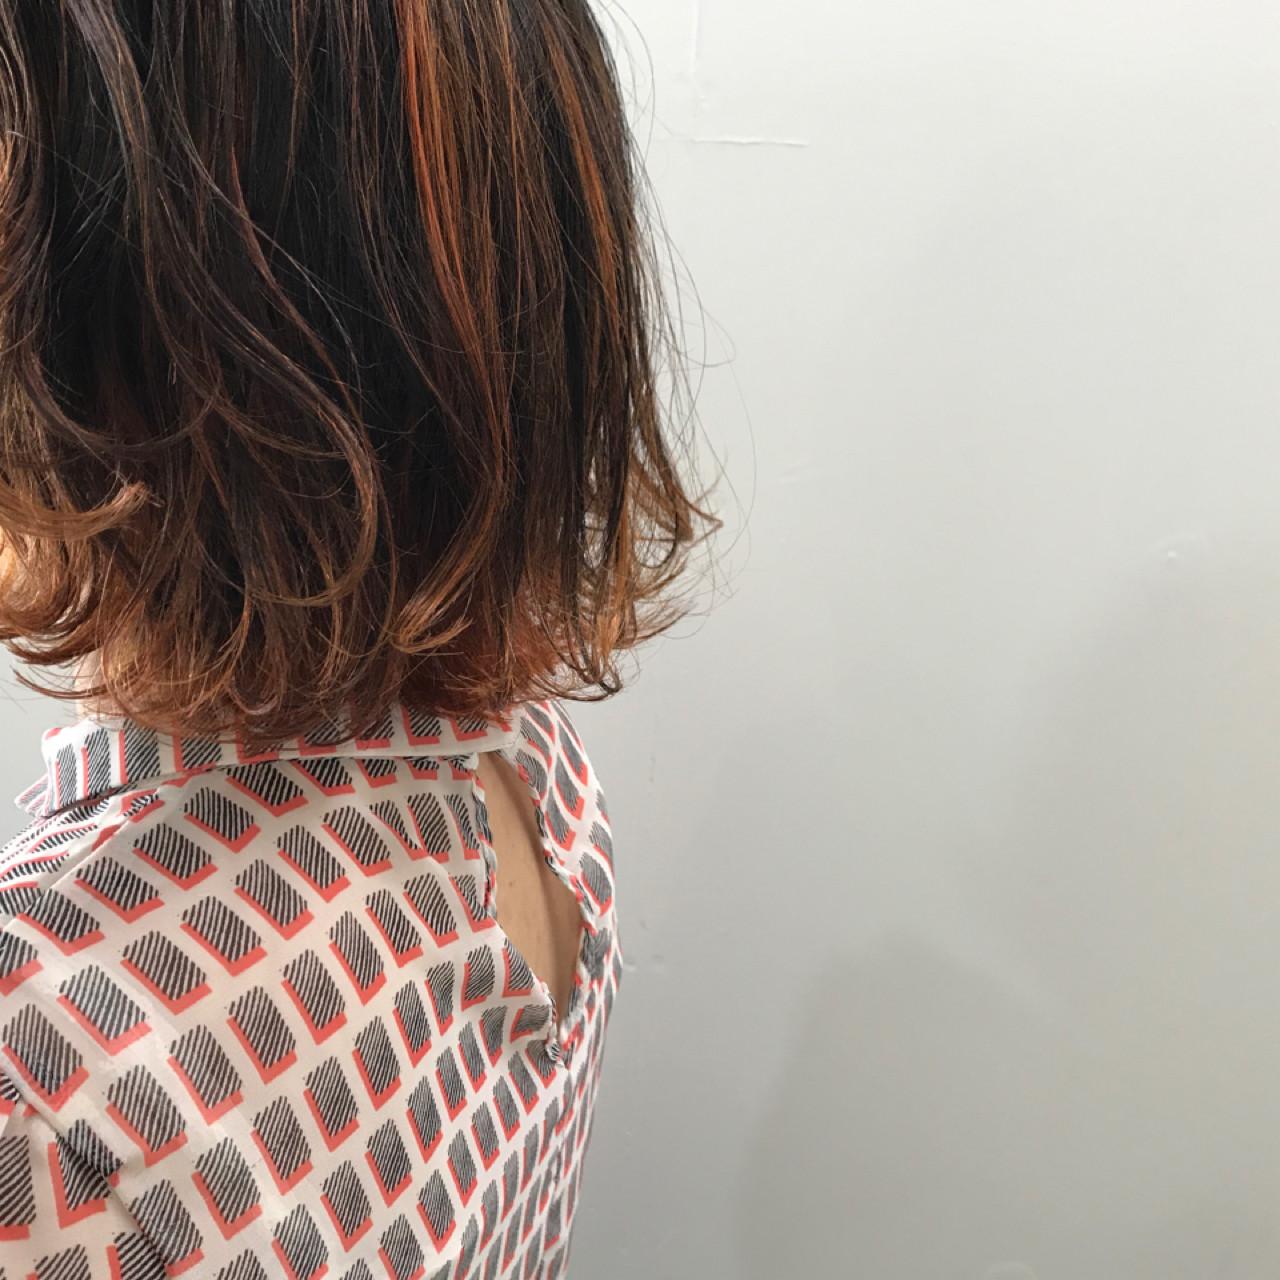 アウトドア ボブ ストリート ダブルカラー ヘアスタイルや髪型の写真・画像